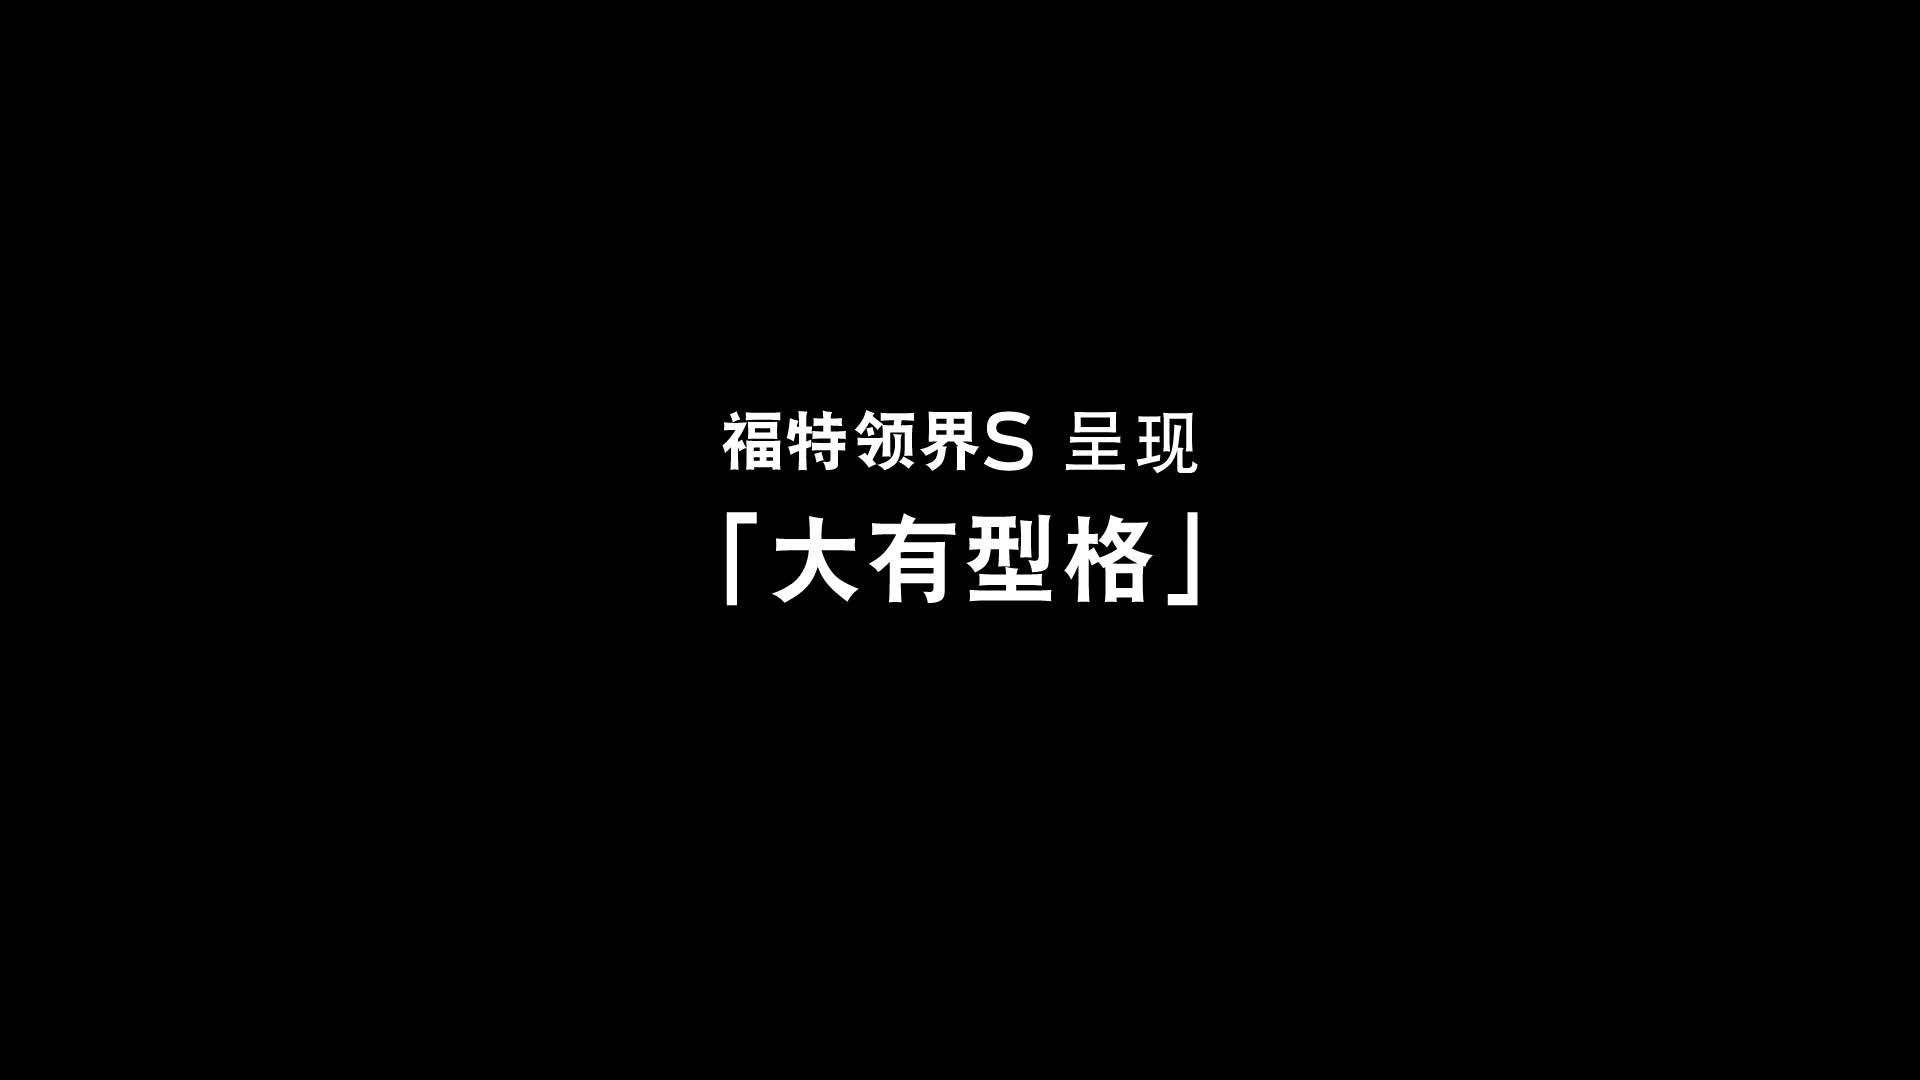 福特领界S空间篇